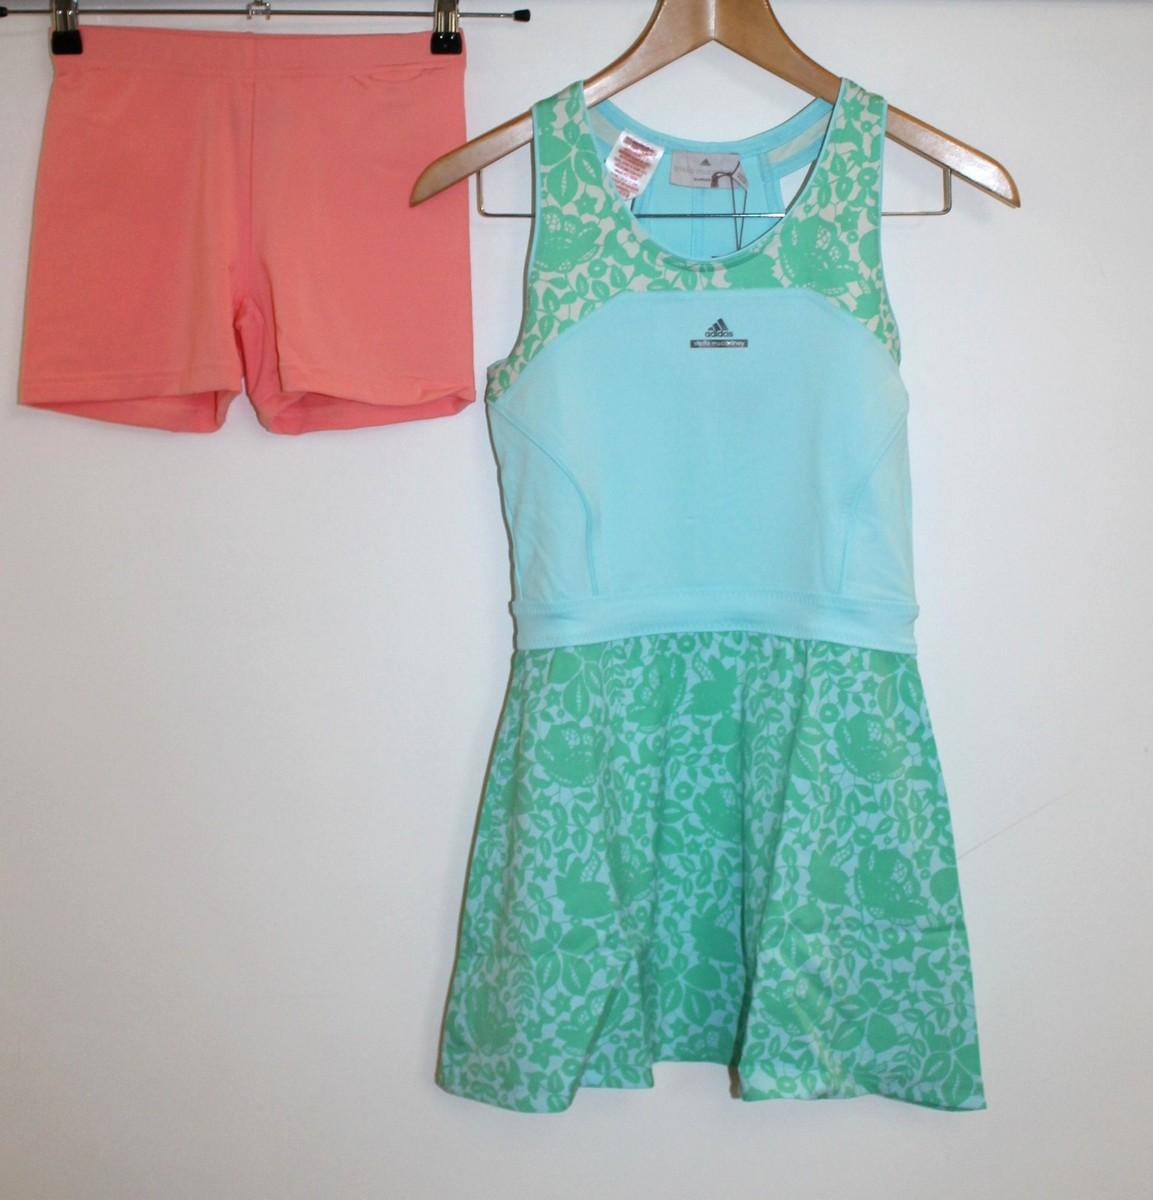 BNWT STELLA MCCARTNEY ADIDAS Girls Baricade Tennis Dress & Shorts 11-12 Yrs. 2